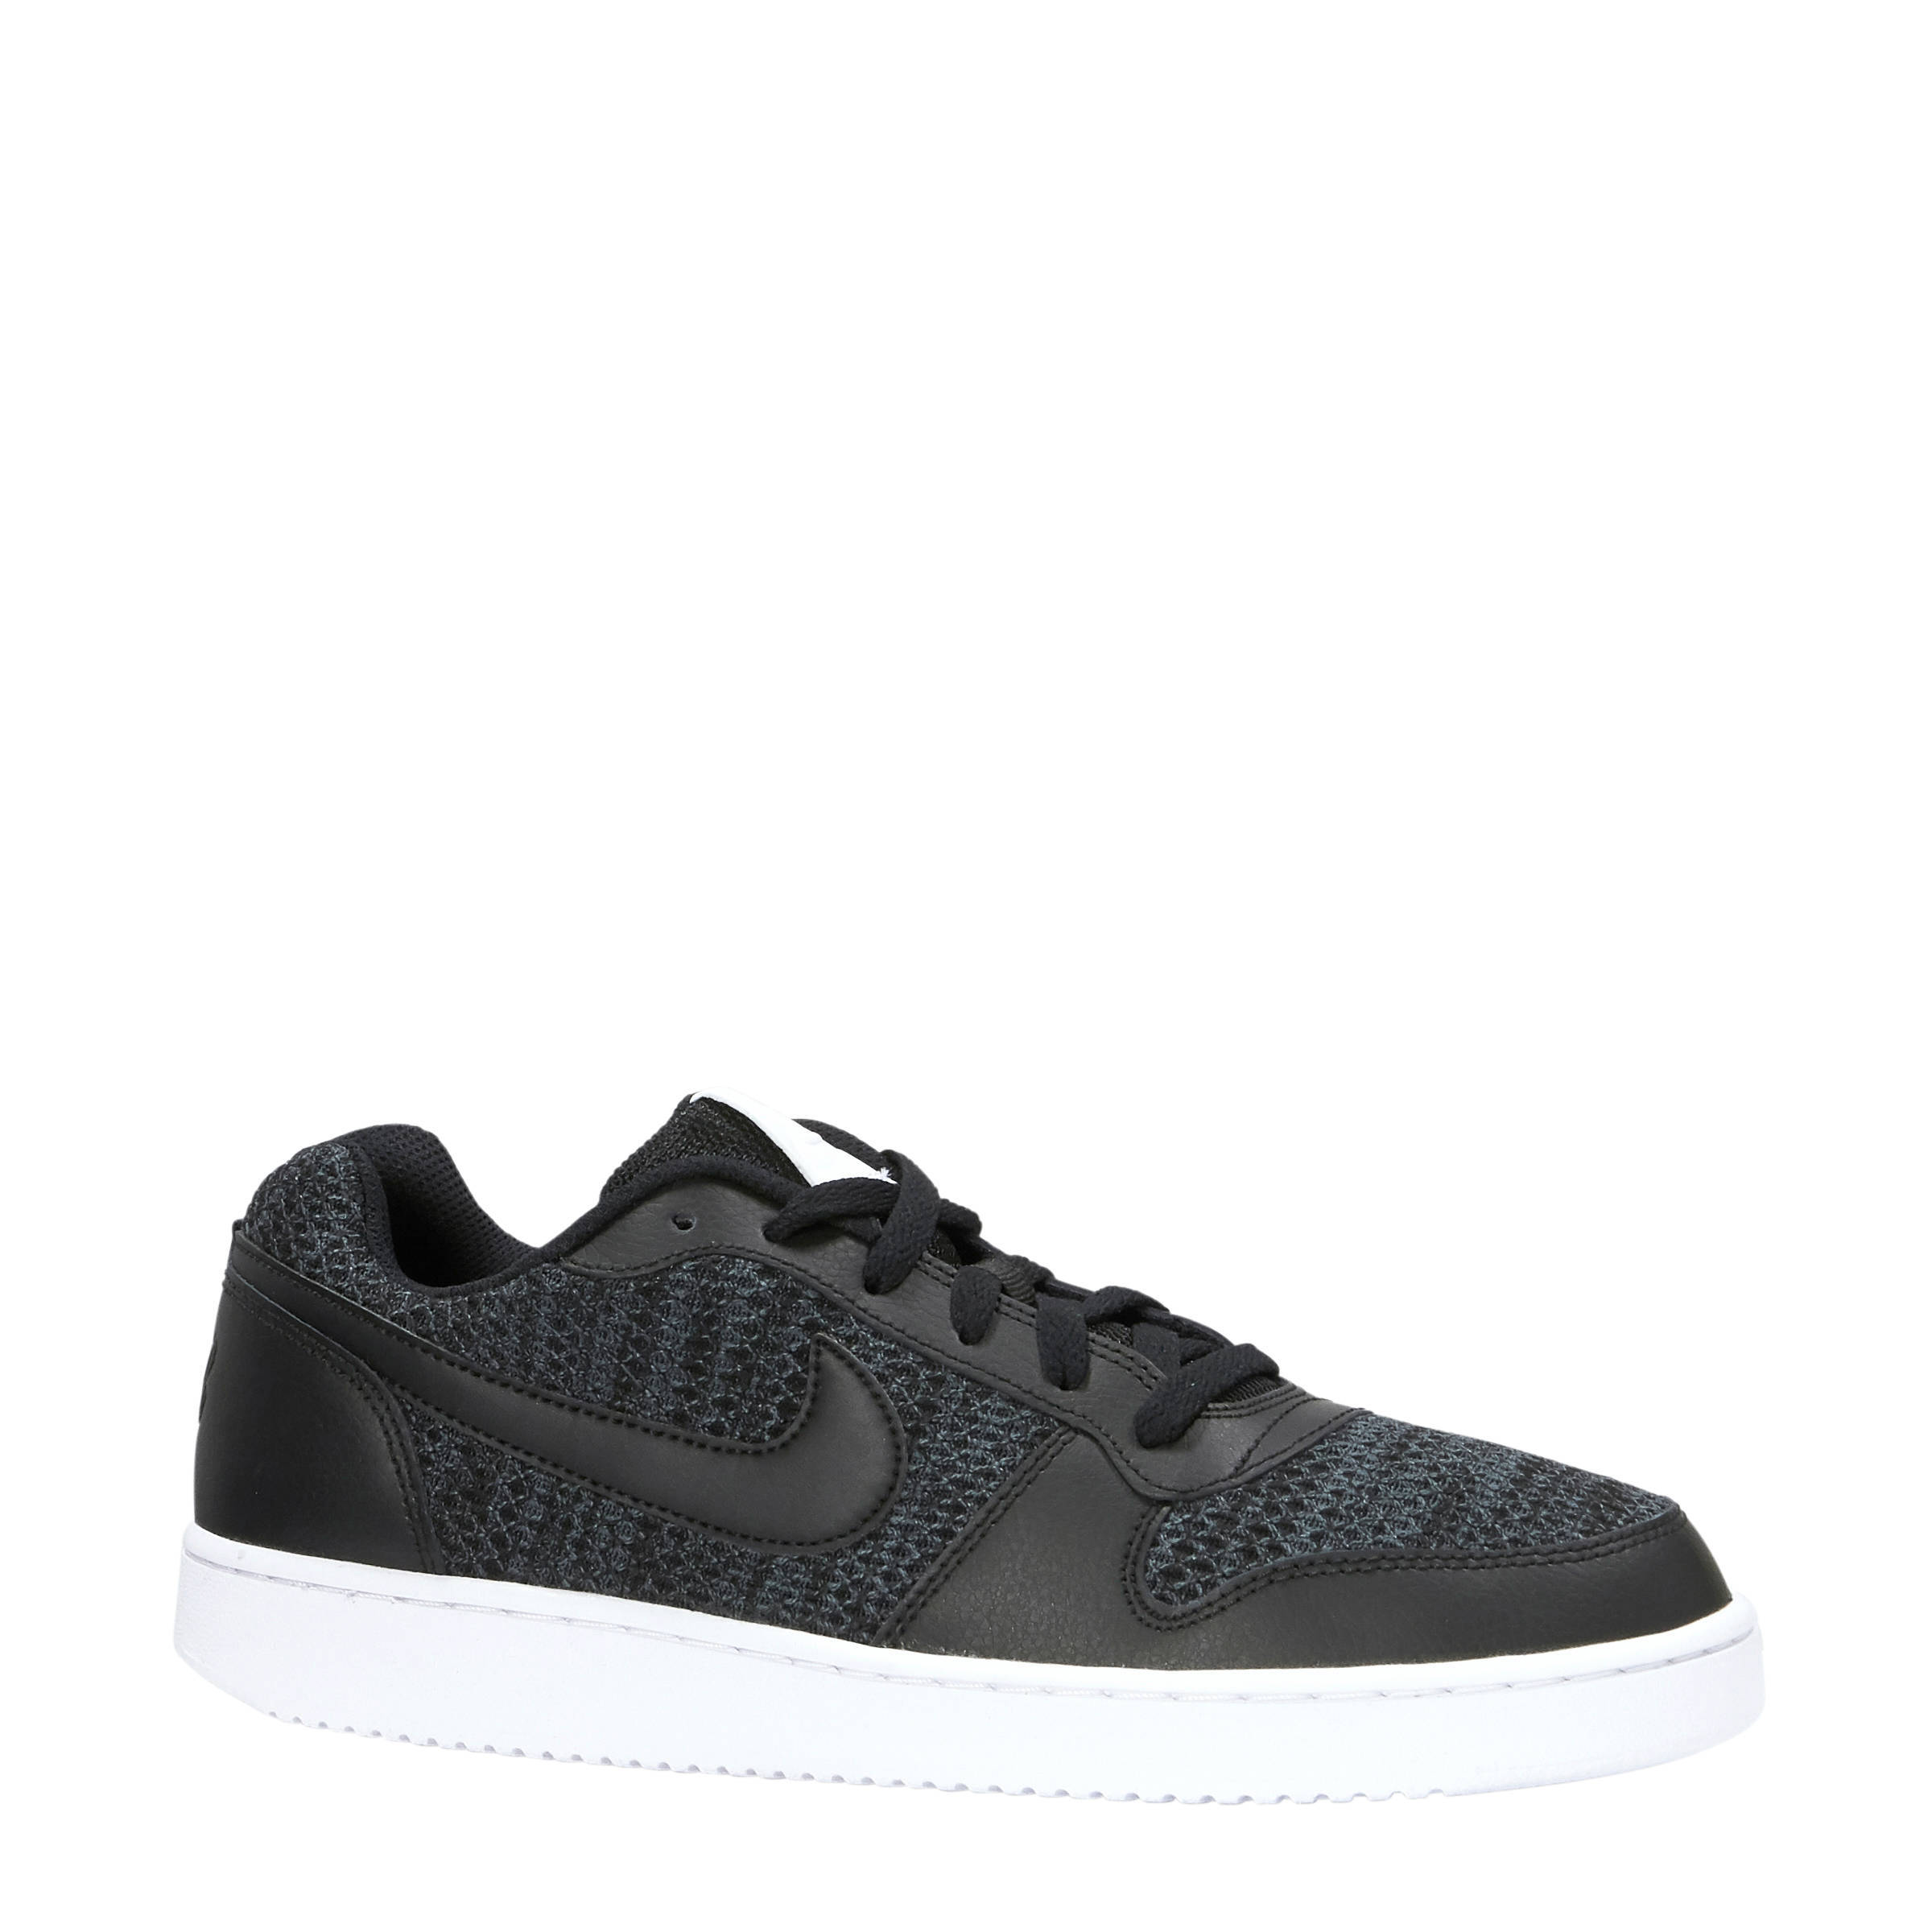 a095b343b6a nike-ebernon-low-sneakers-donkergrijs-zwart-grijs-0887231222261.jpg